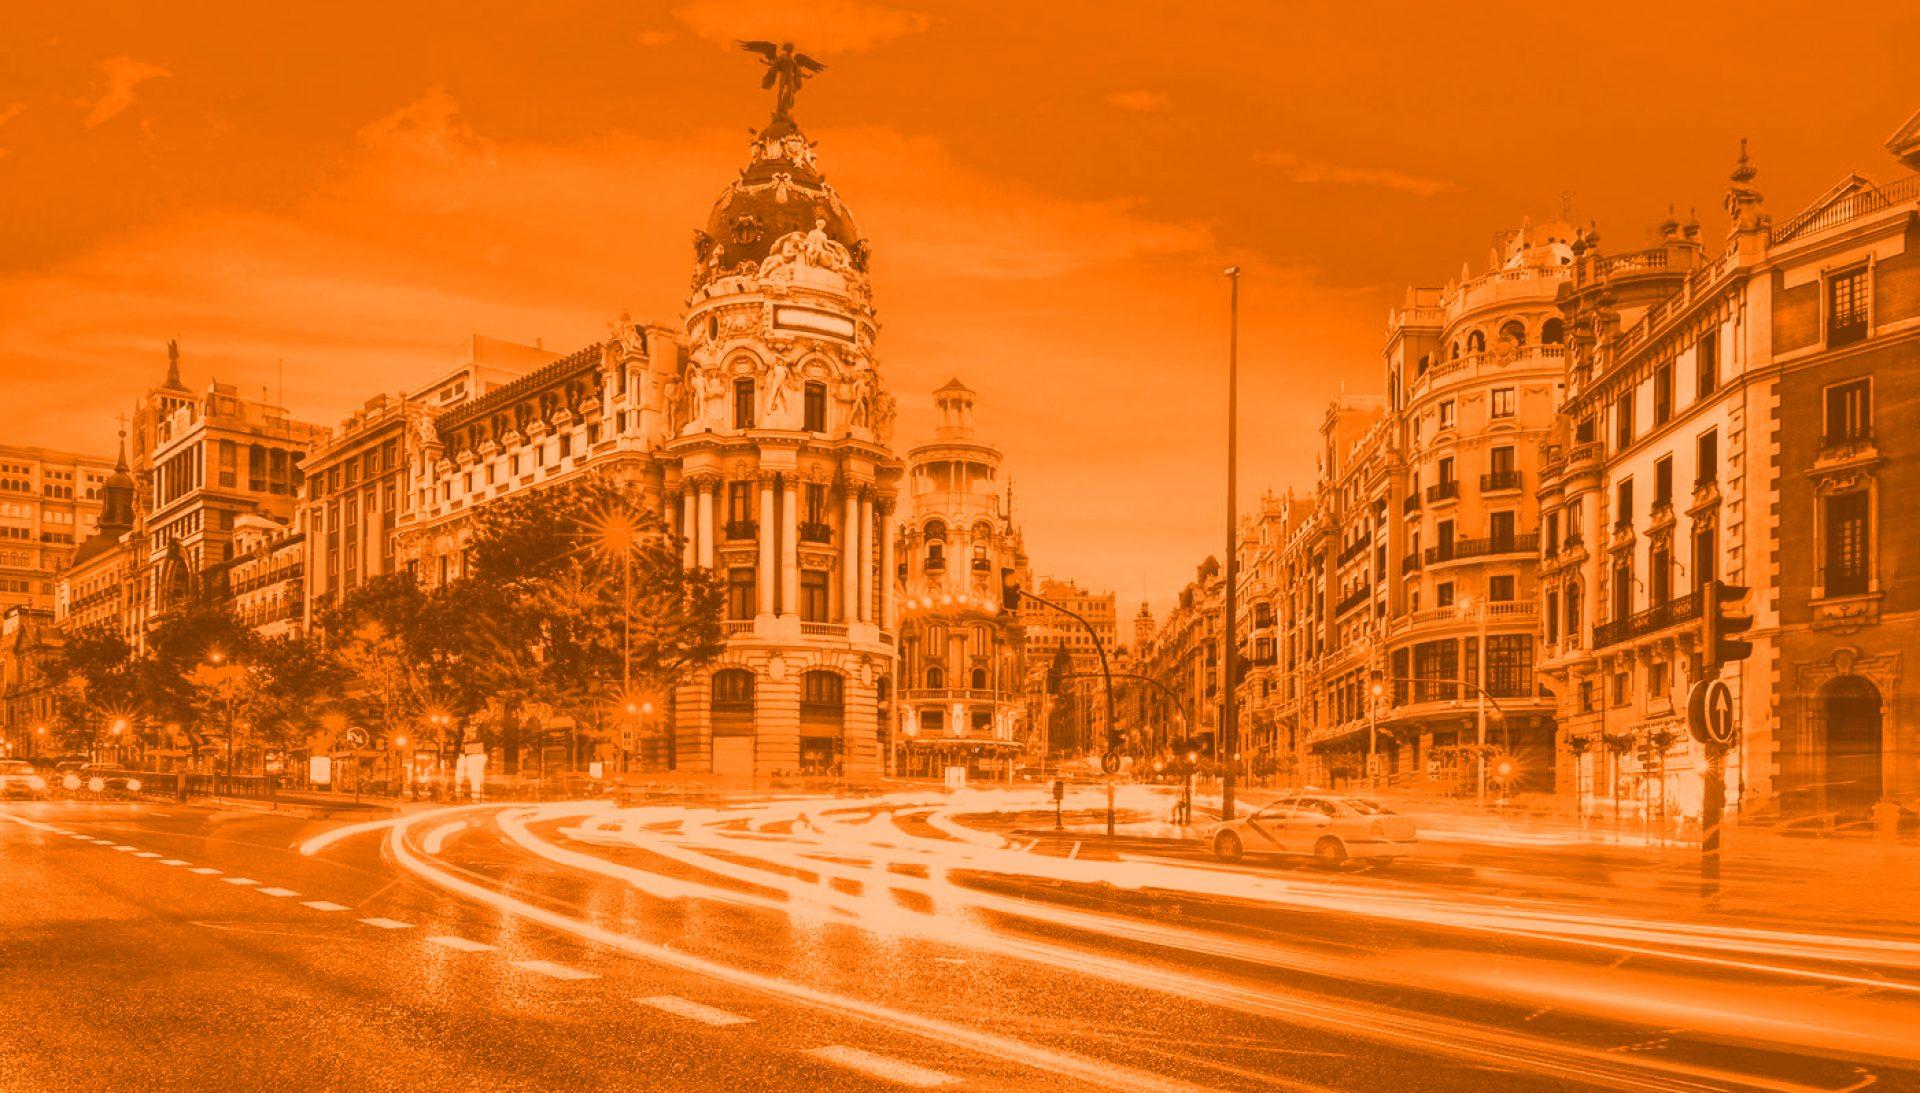 Madrid Legal